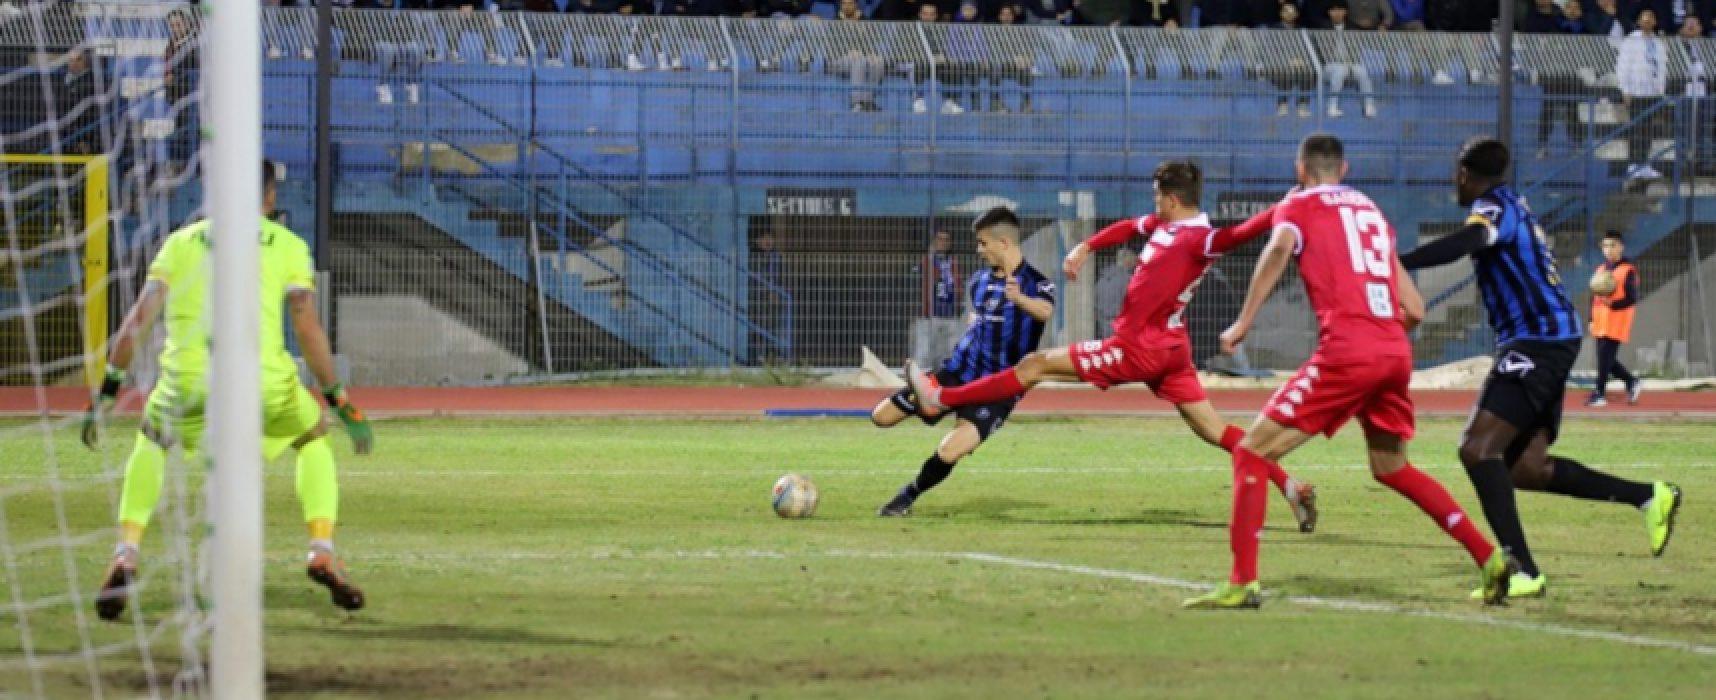 Bisceglie Calcio impegnato a Monopoli nell'anticipo di campionato